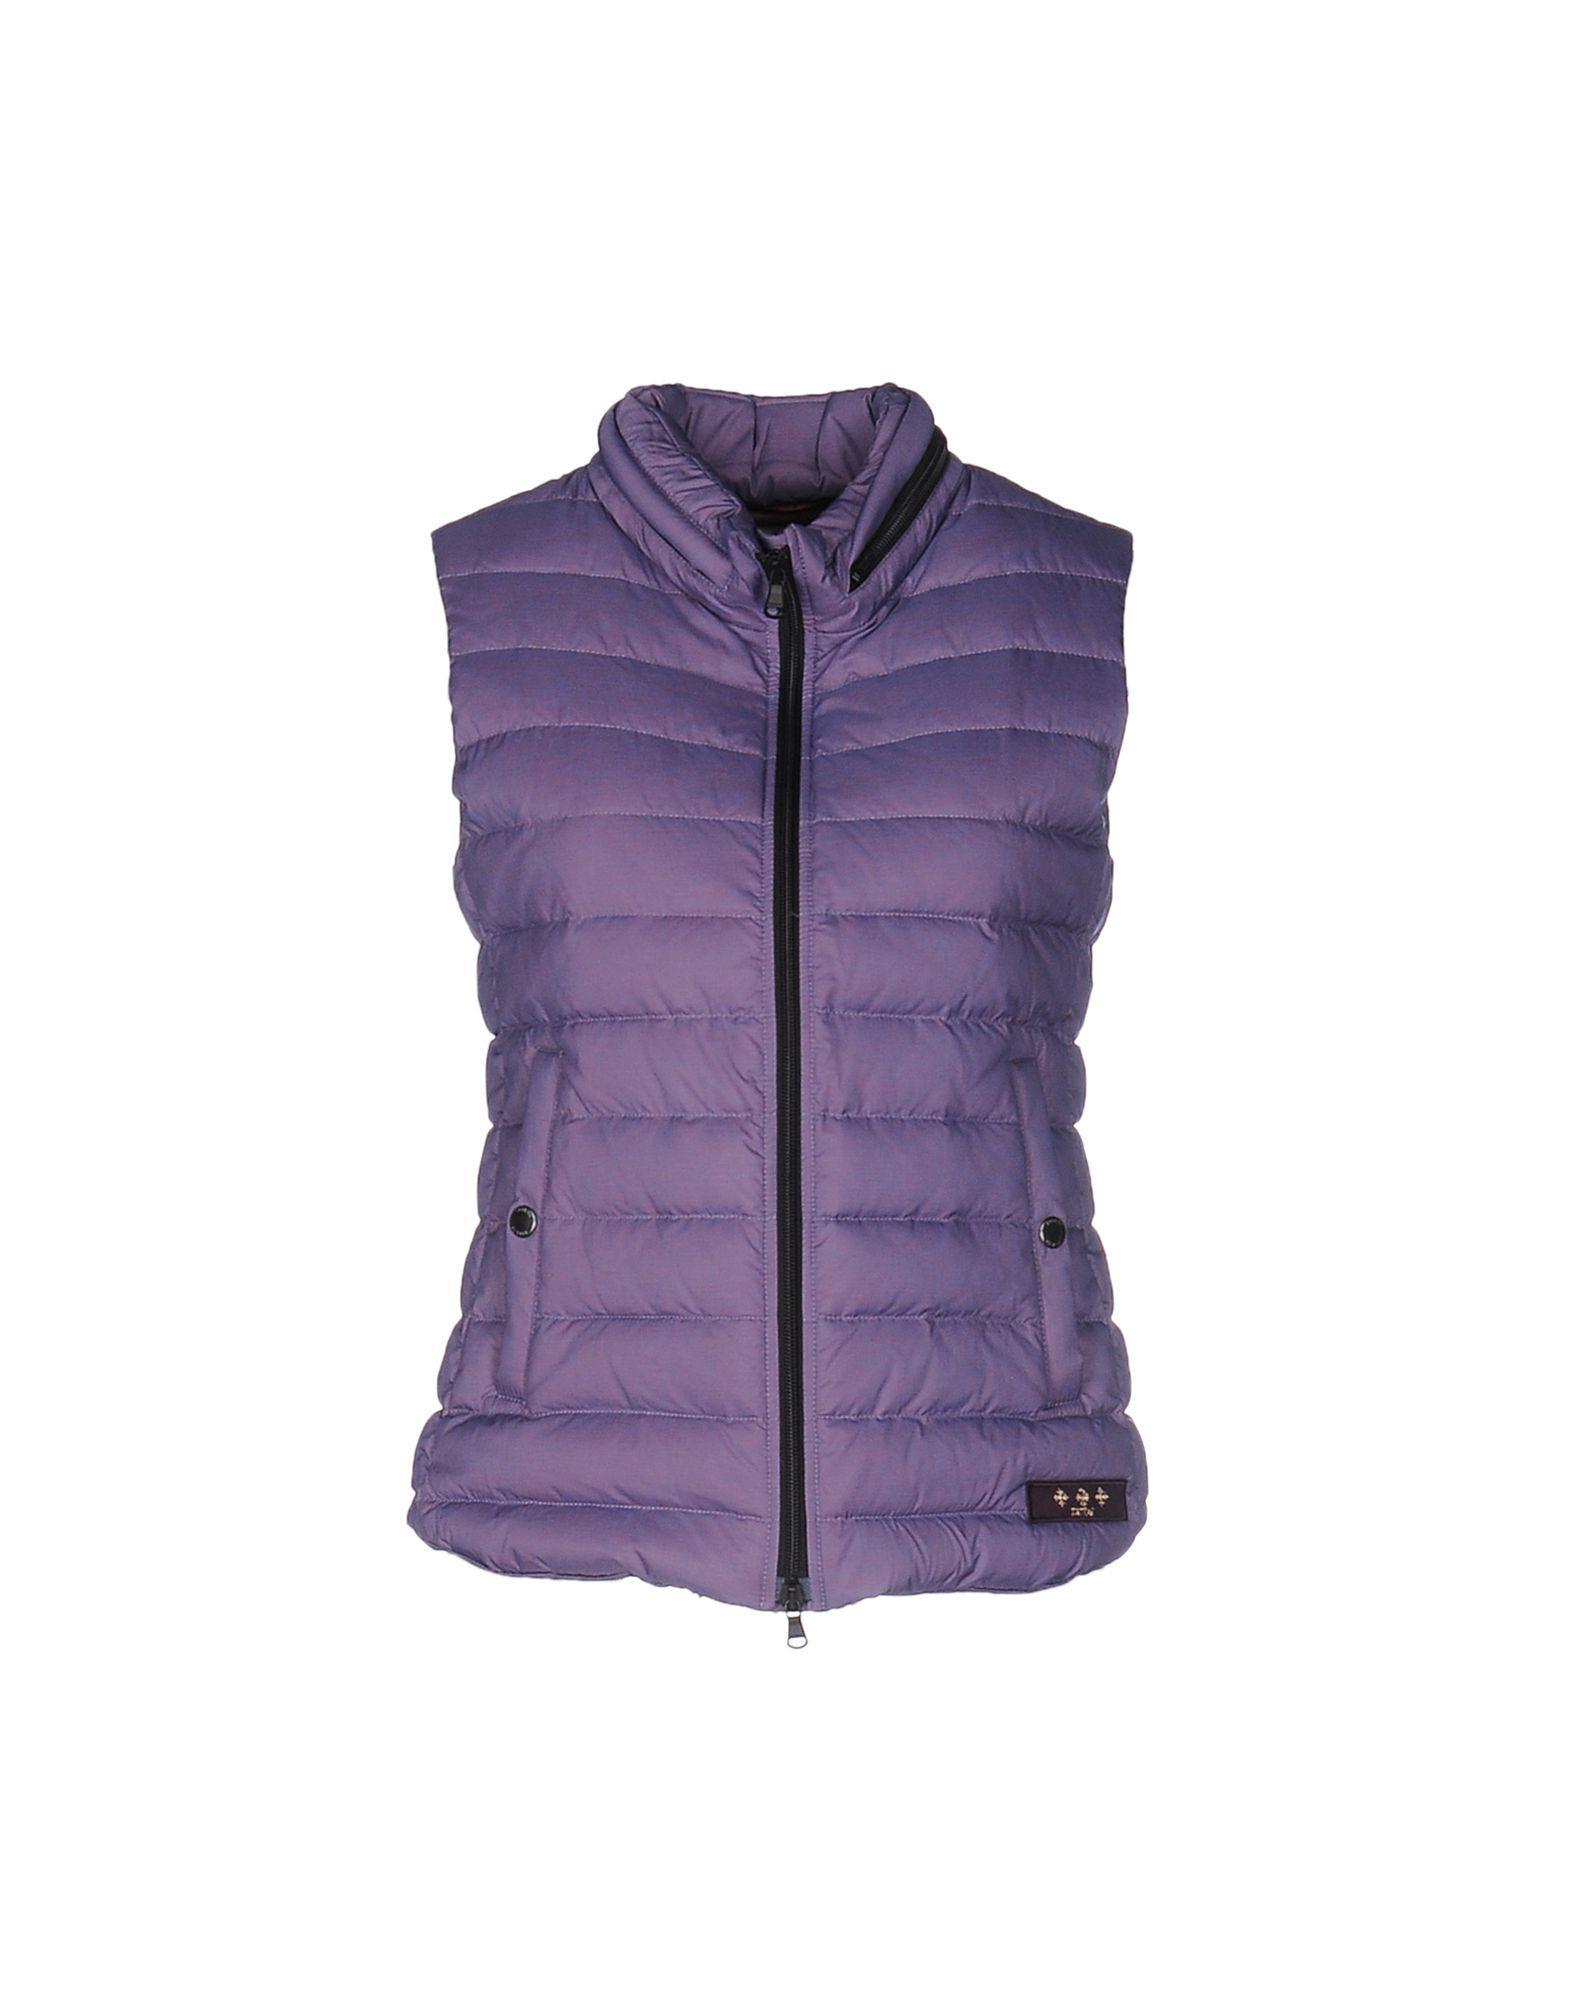 Tatras Down Jacket In Purple